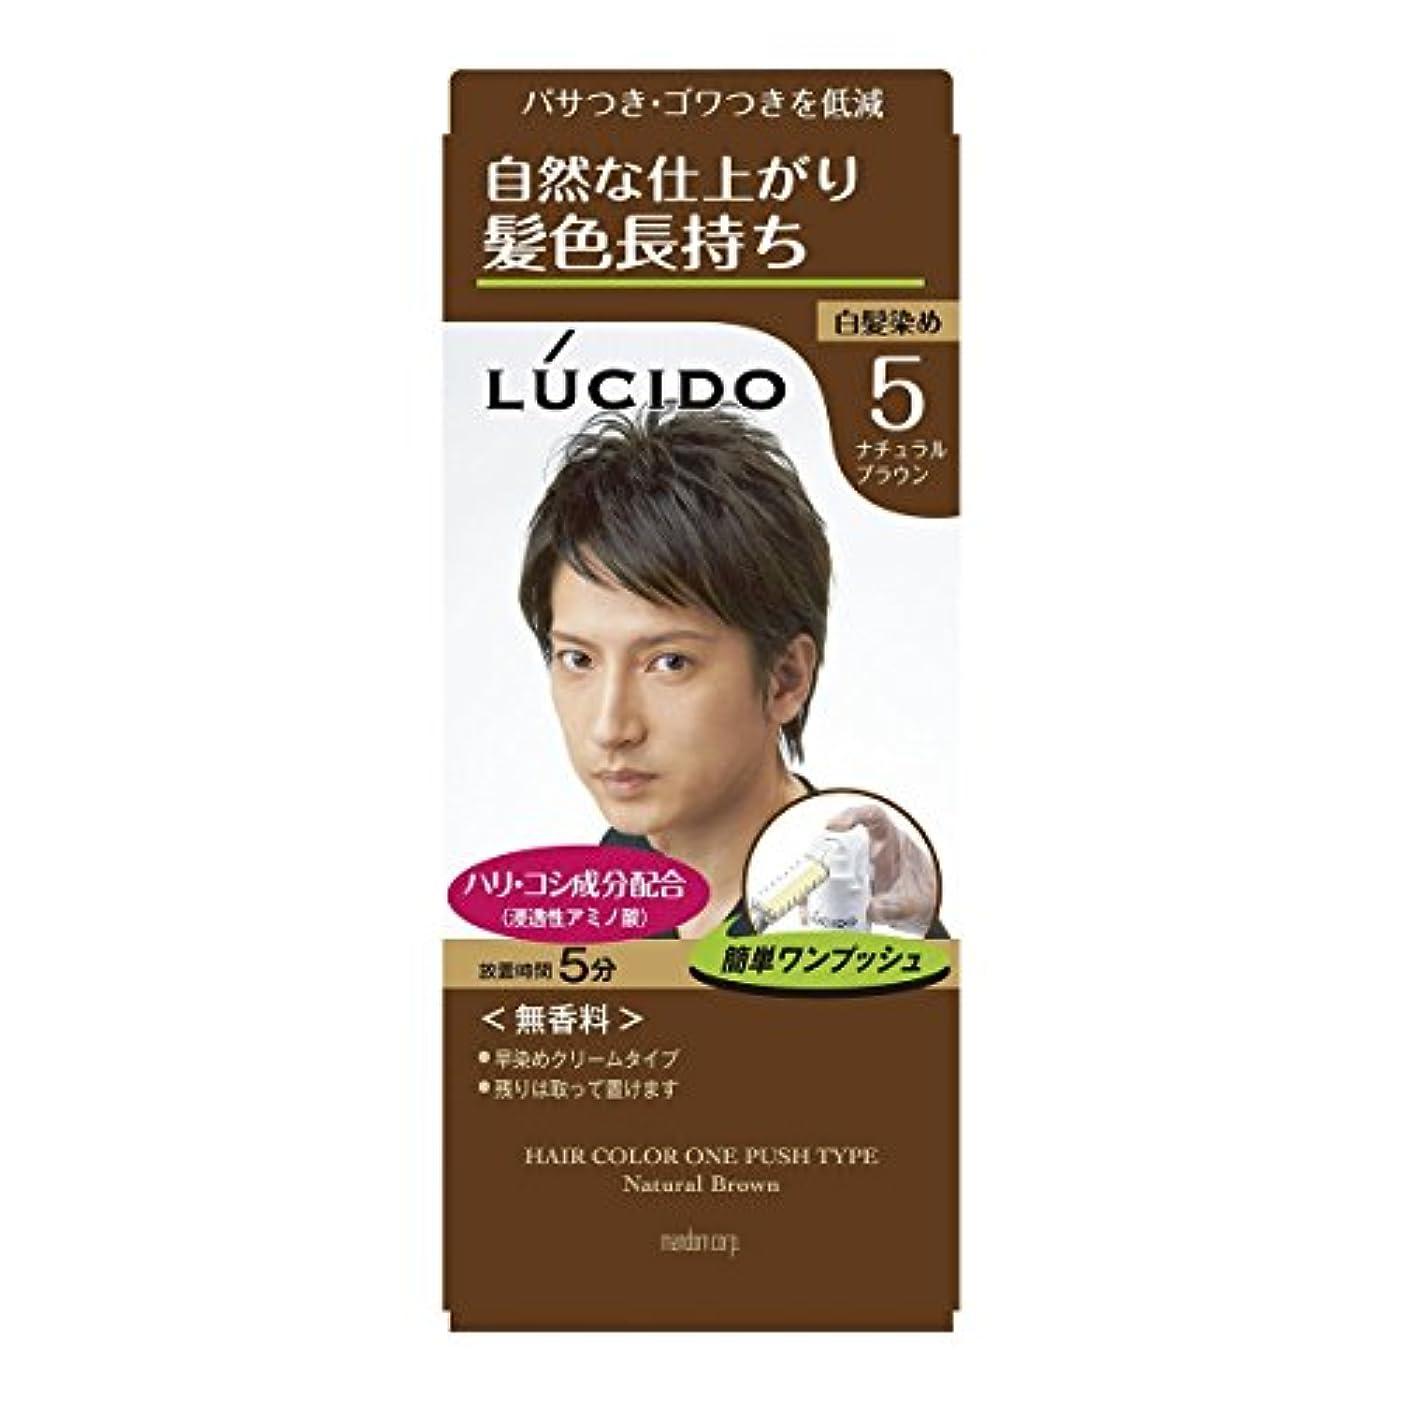 【マンダム】ルシード ワンプッシュケアカラー 5 ナチュラルブラウン 1剤50g?2剤50g ×5個セット